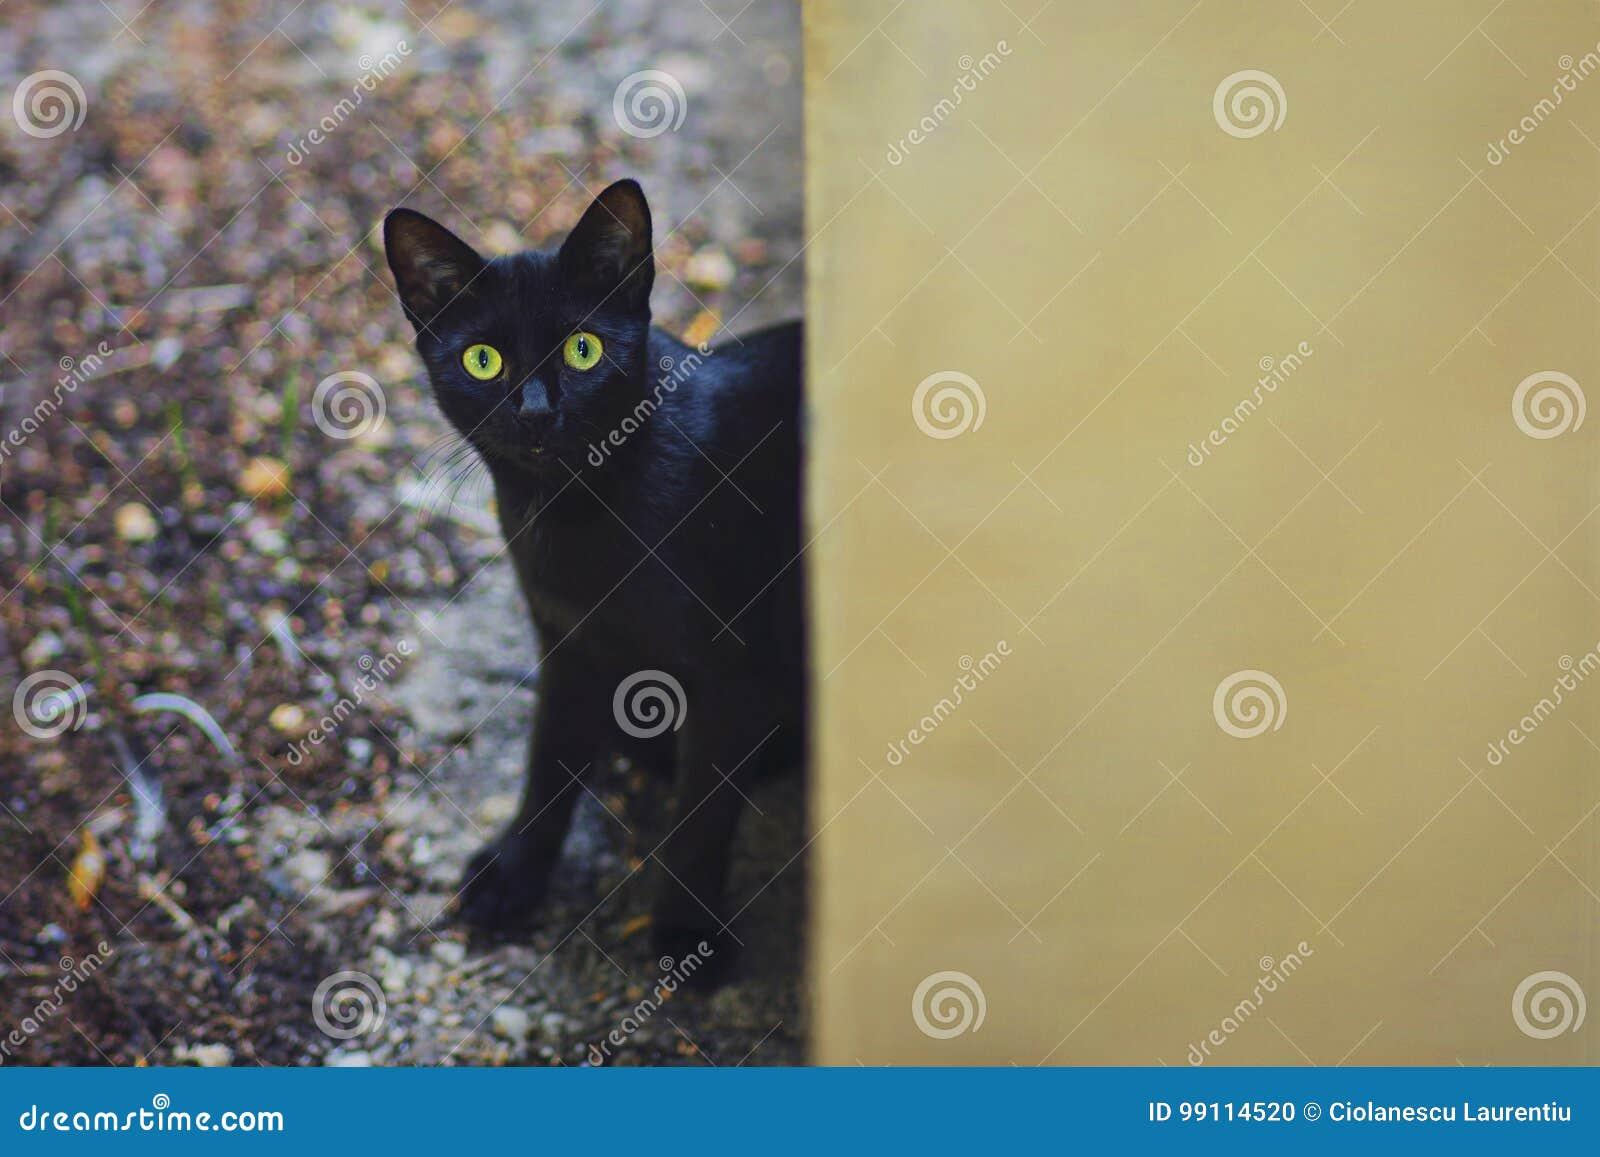 Ciekawy kot w podwórku w dżdżystym jesień dniu